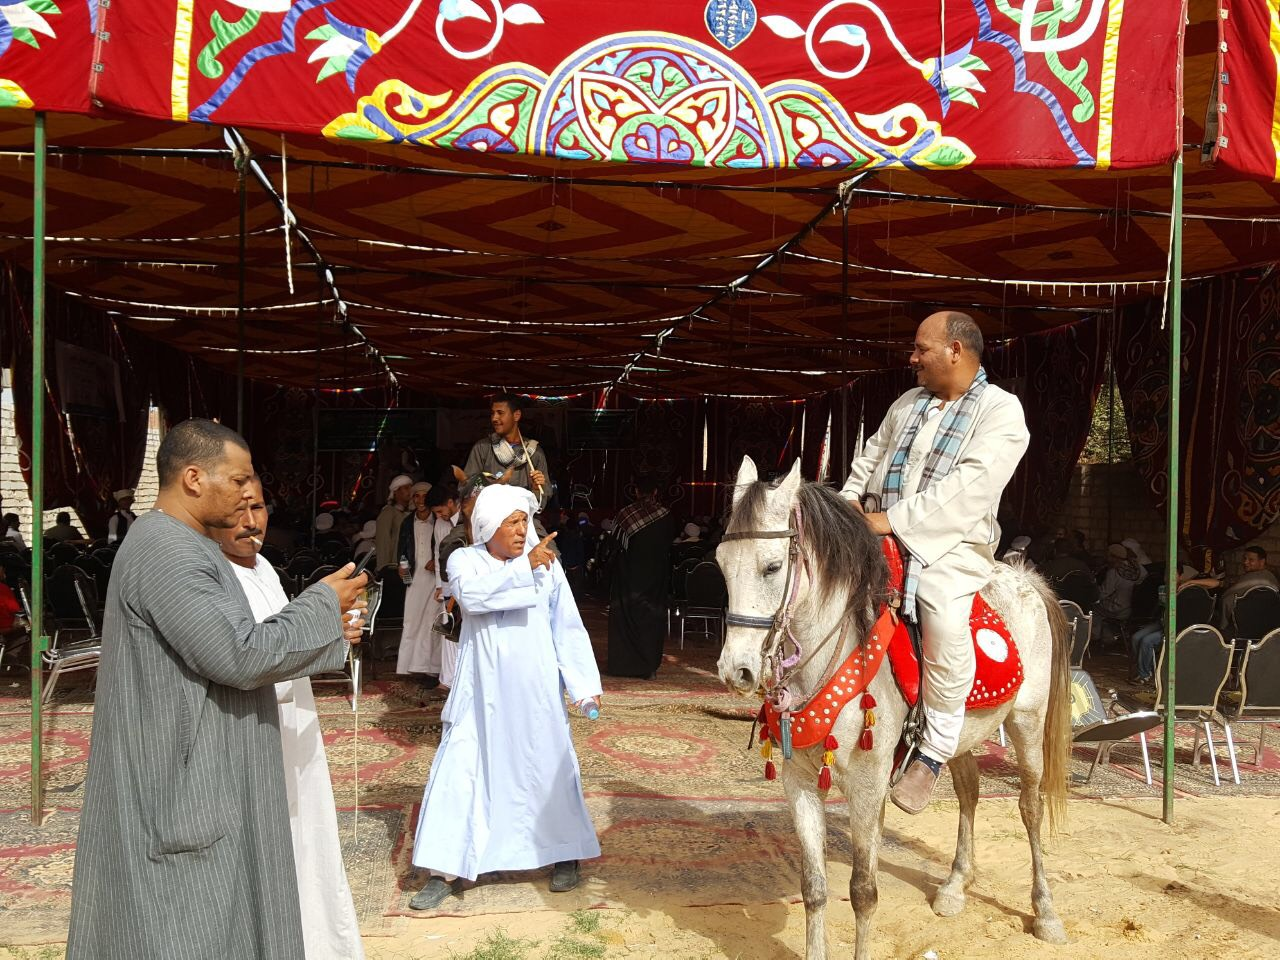 الخيول فى واجهة مؤتمر المرشح الرئاسى موسى مصطفى موسى